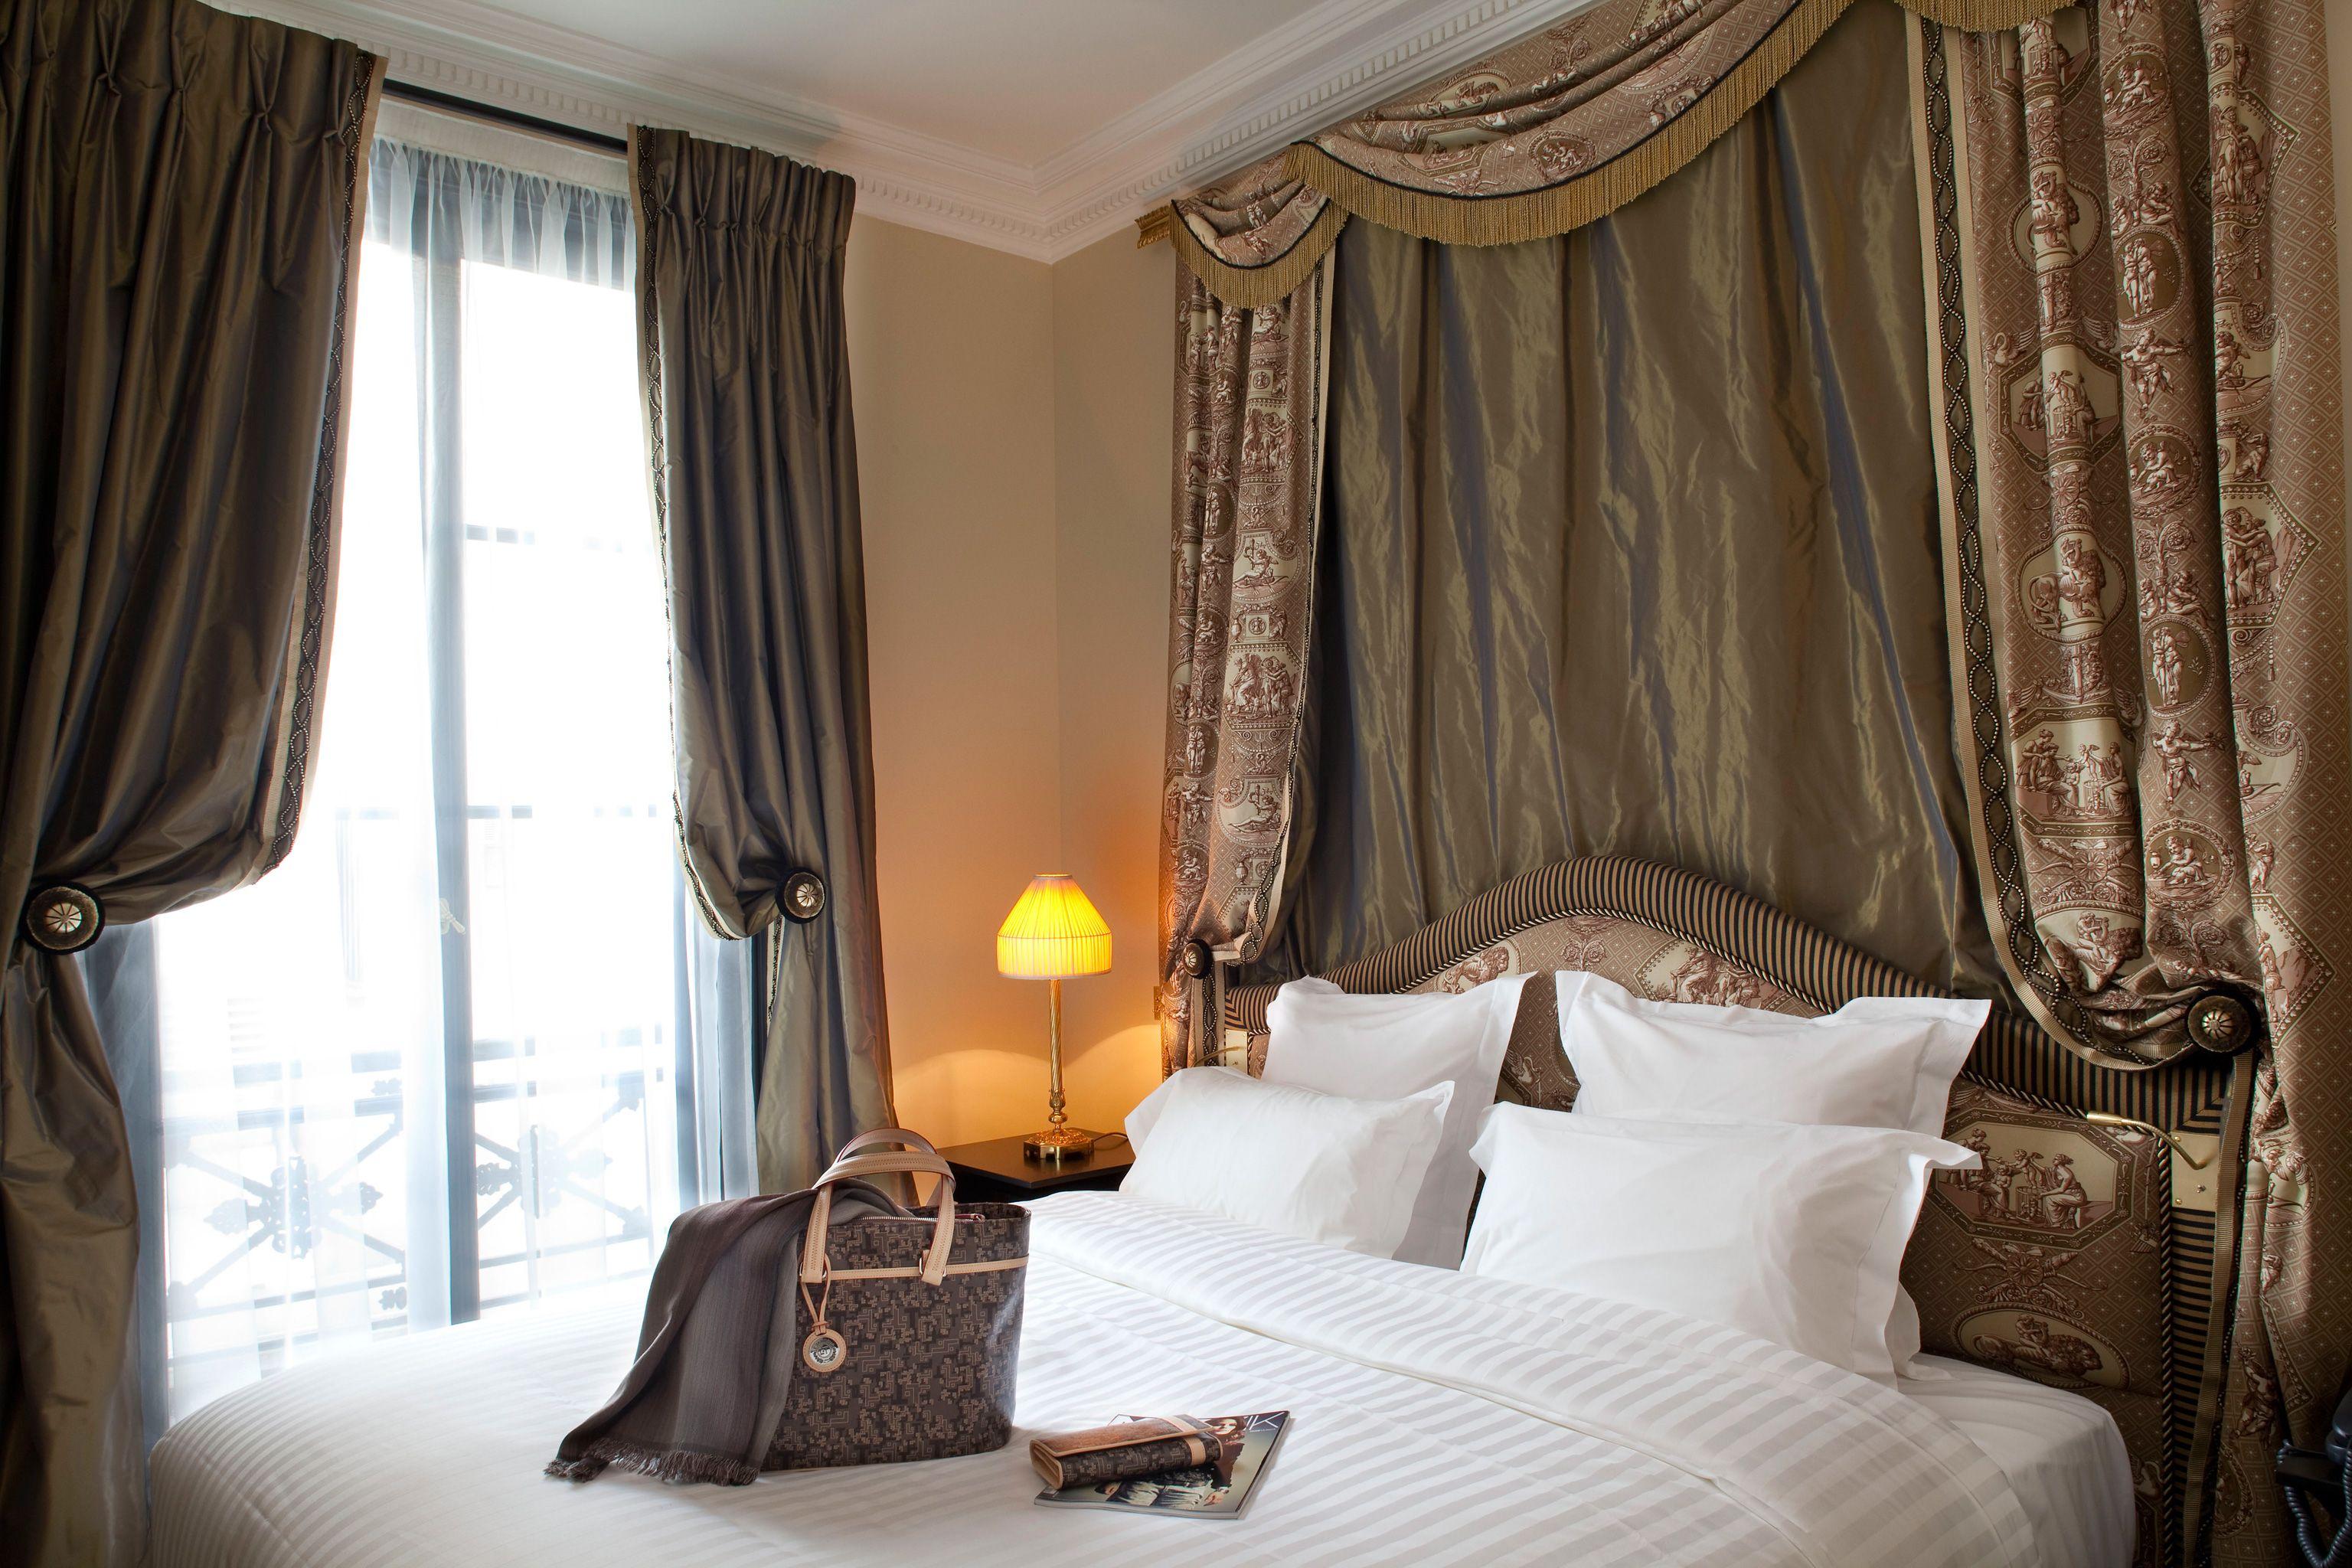 Дизайн штор для спальни: разнообразие вариантов на любой вкус